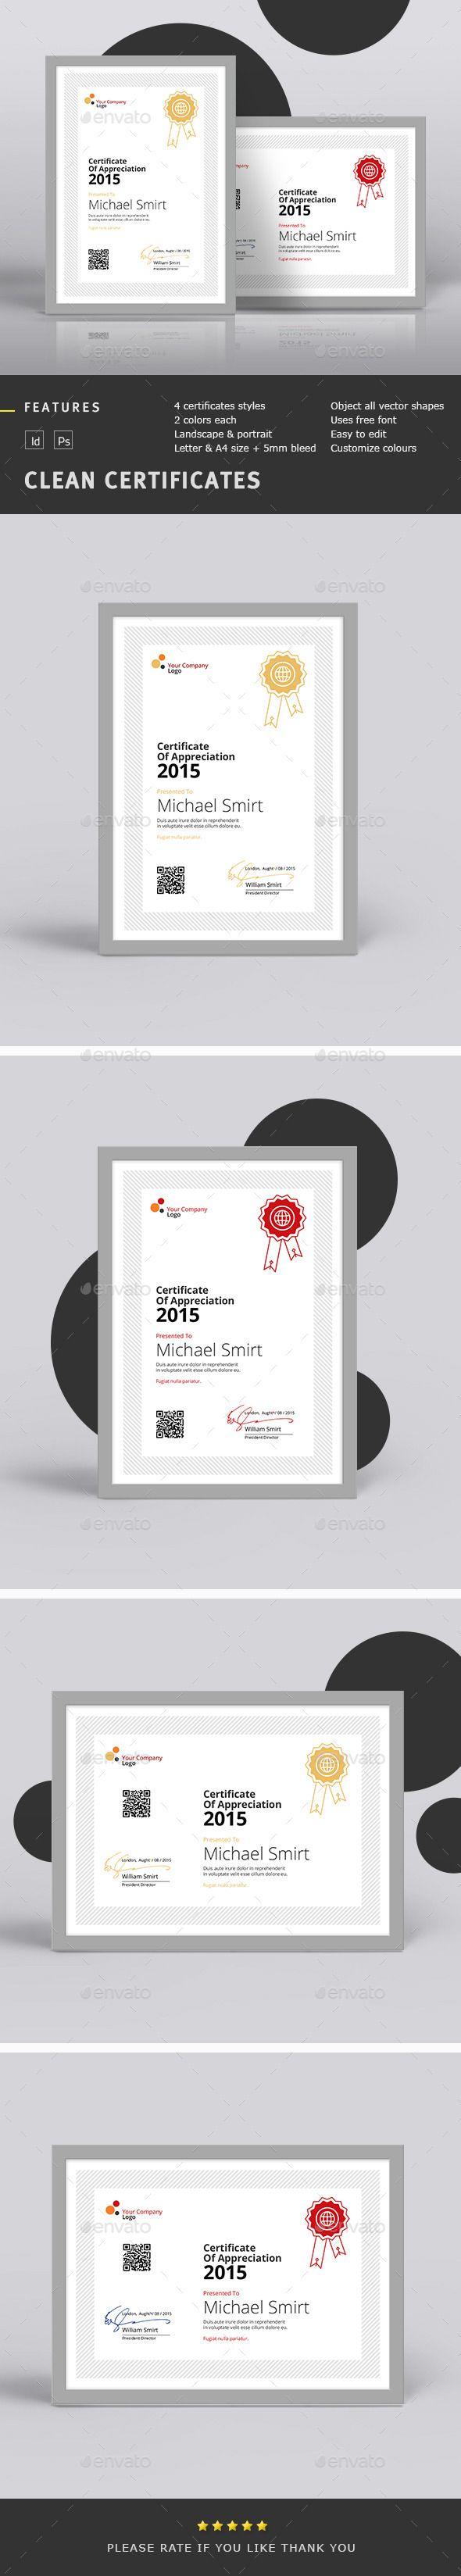 Clean Certificates | Urkunden und Zertifikat